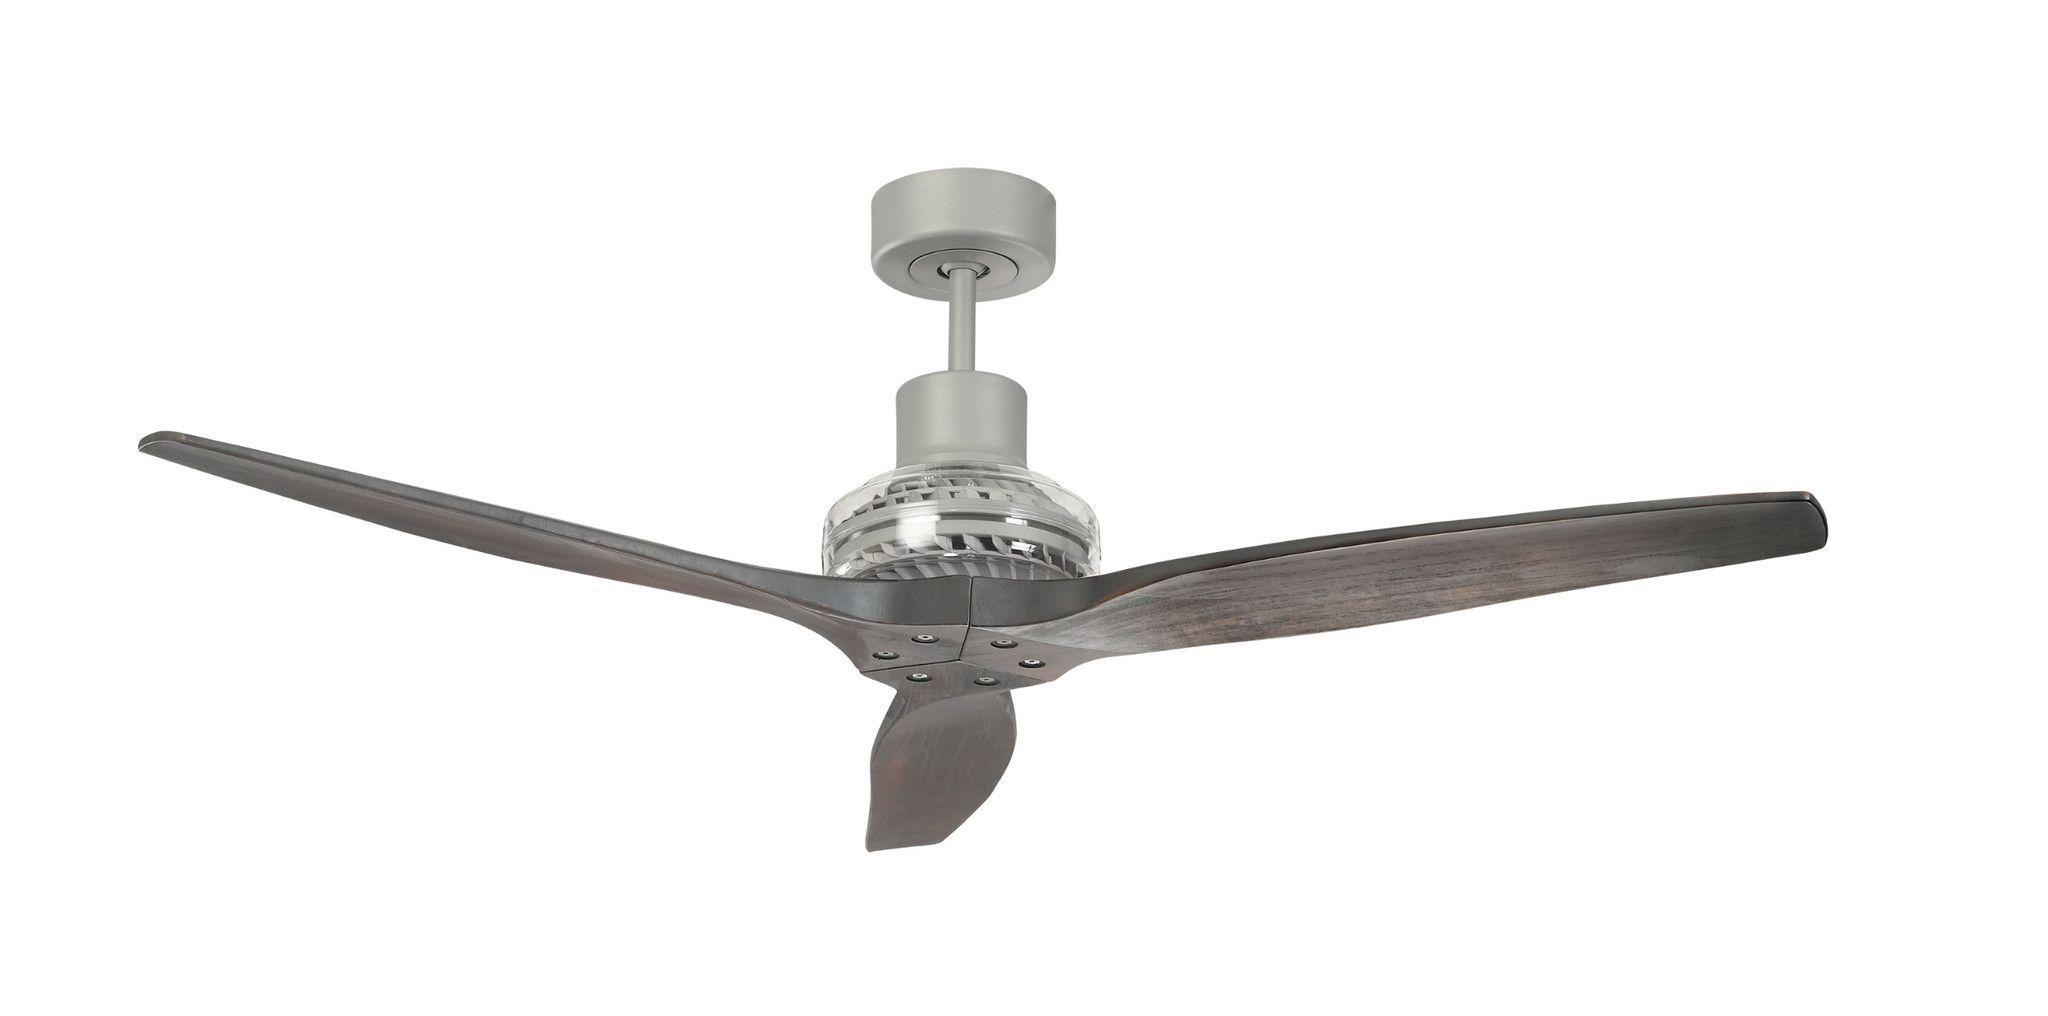 Grey Star Propeller Ceiling Fan Motor